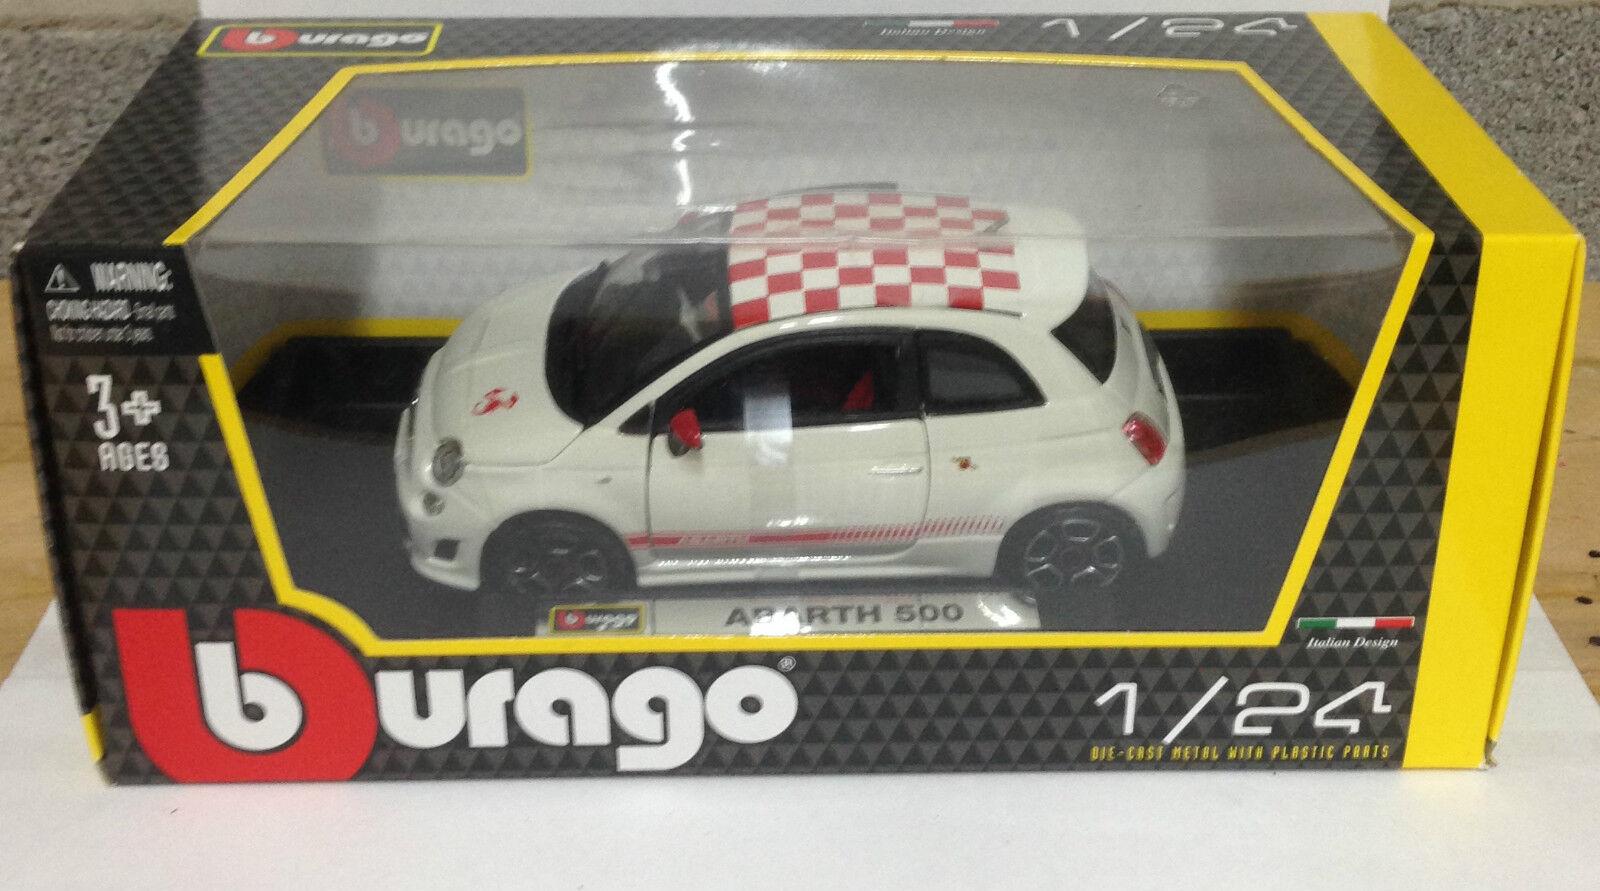 BURAGO 1 24 FIAT 500 ABARTH Modello Diecast Auto Bianco